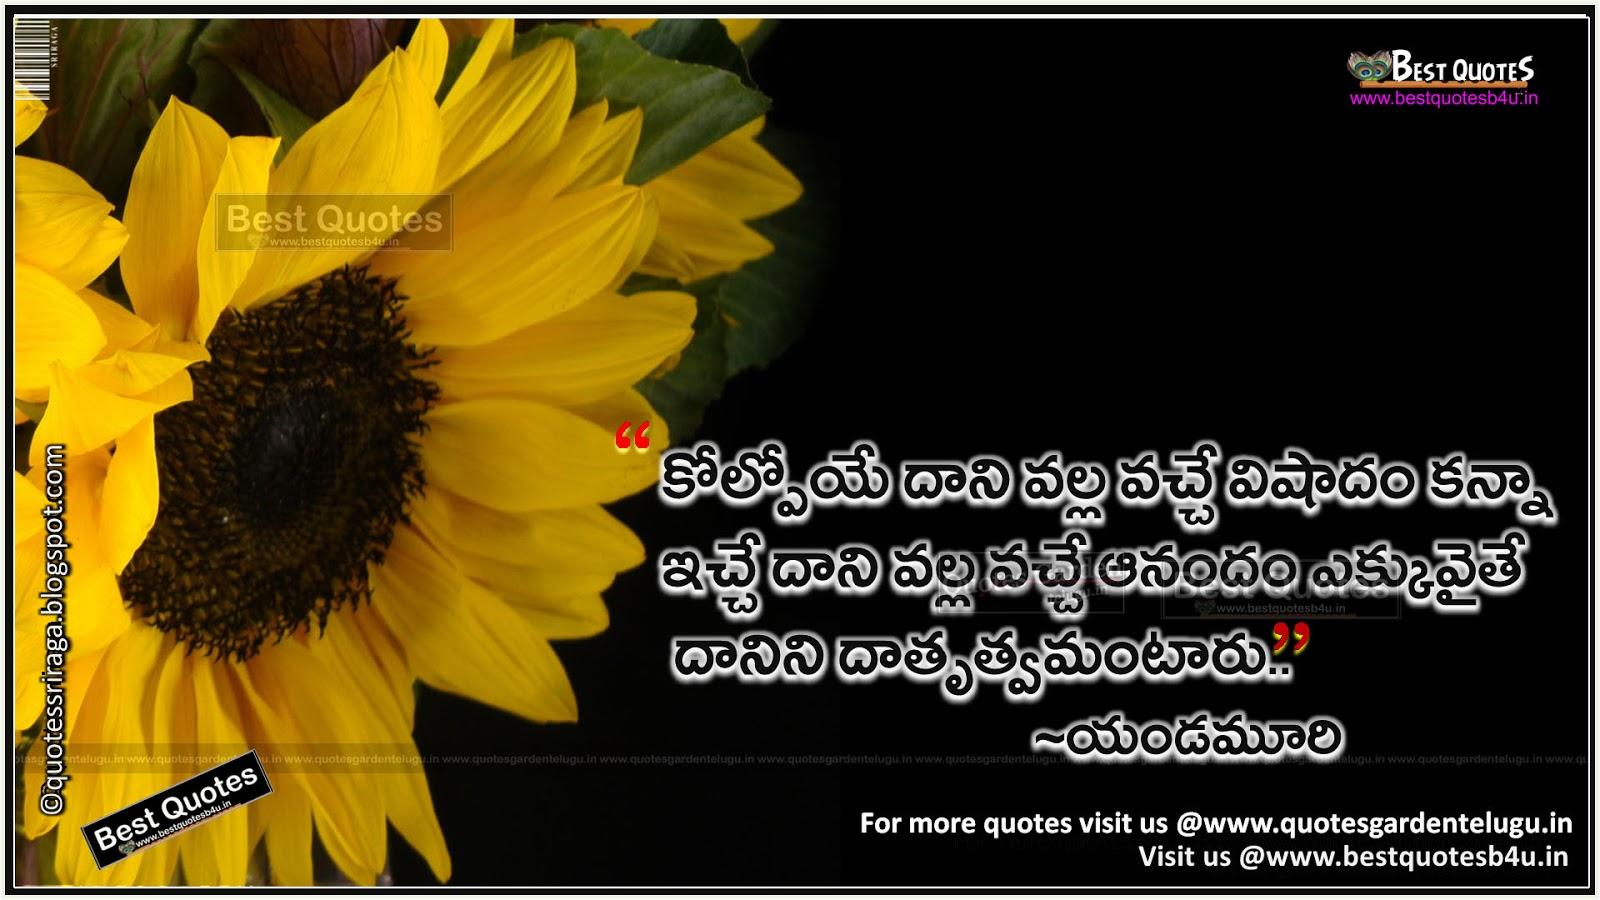 best inspirational telugu quotes from yandamuri